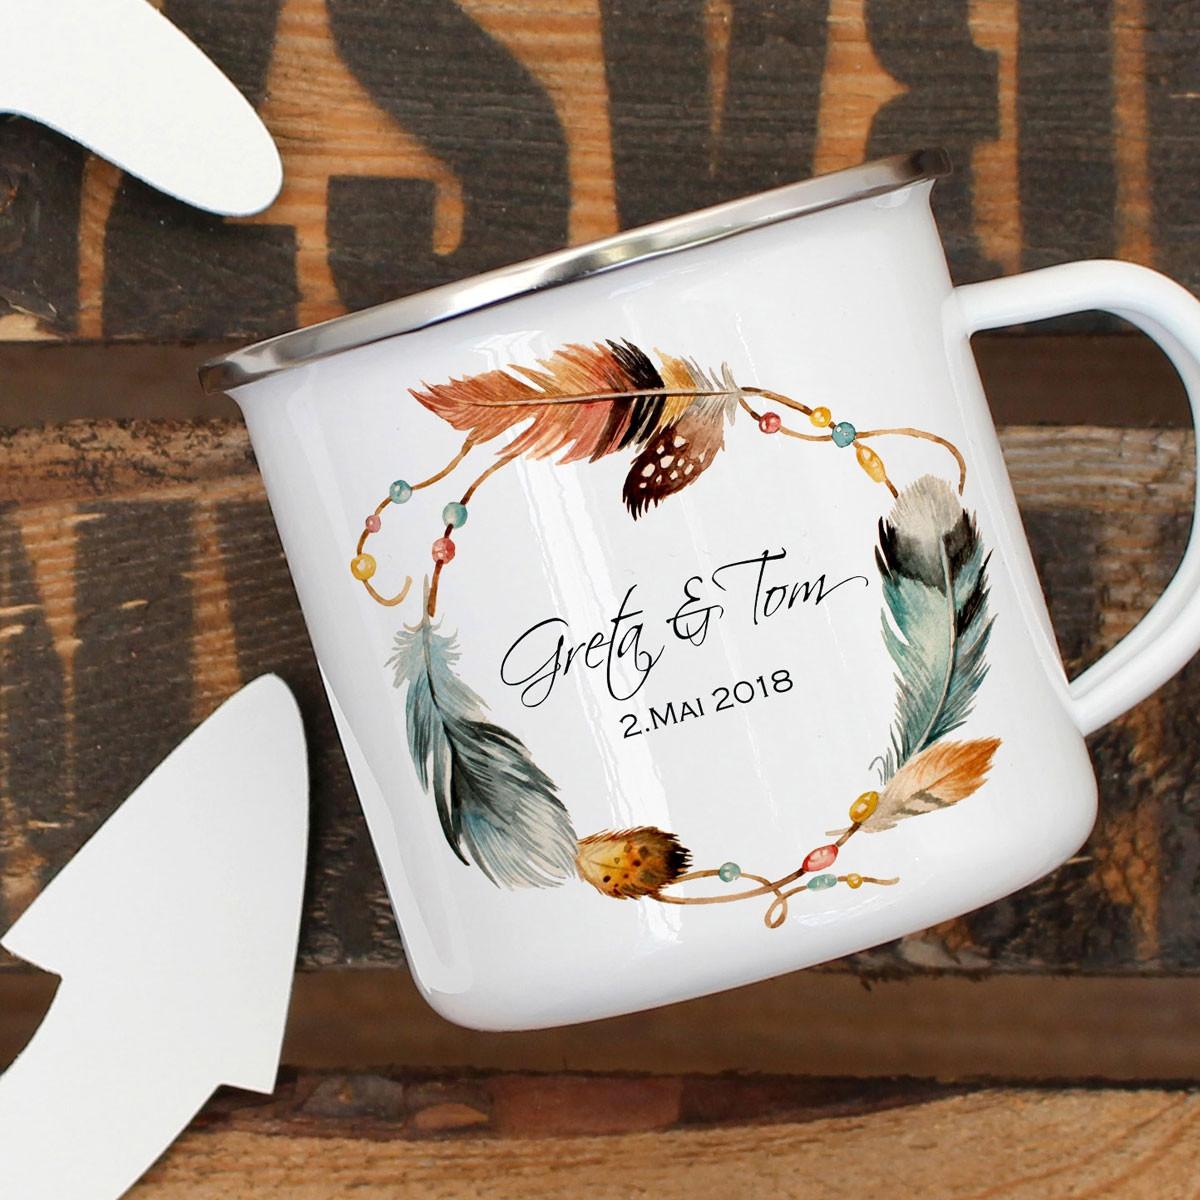 59ade5c211d Emaille Tasse Becher mit Federkranz Namen und Datum Kaffeebecher ...